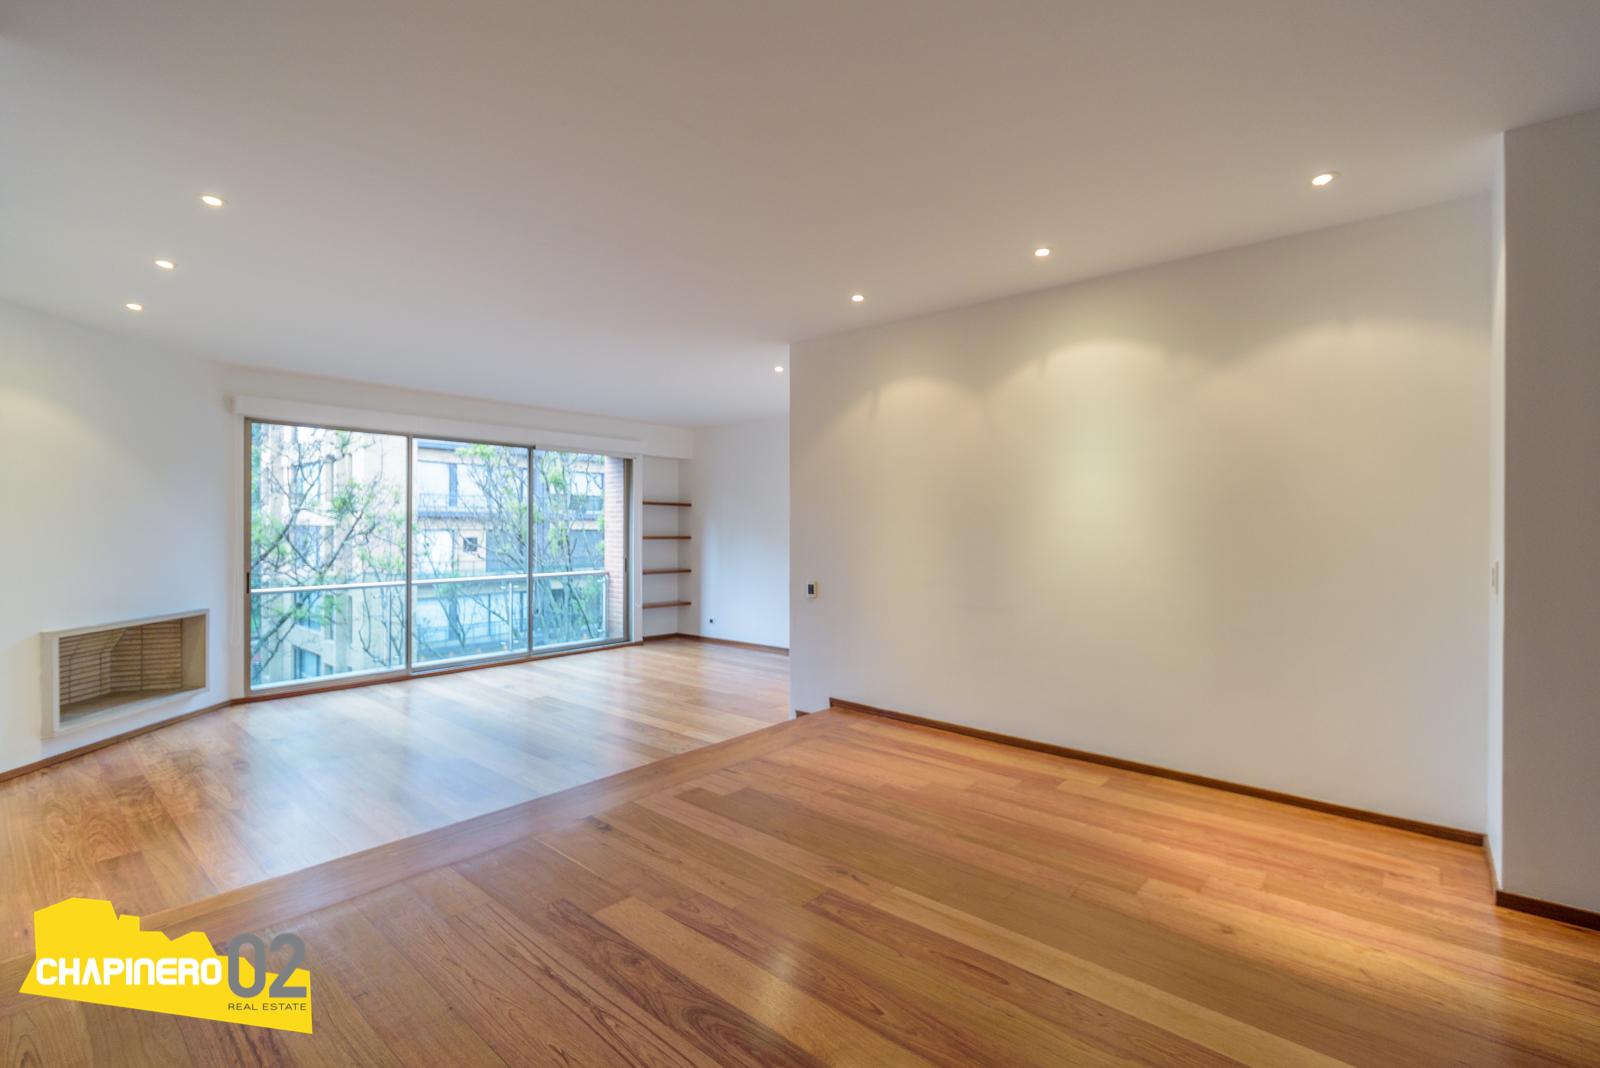 Apto Venta :: 190 m² :: Cabrera :: $1.583 M